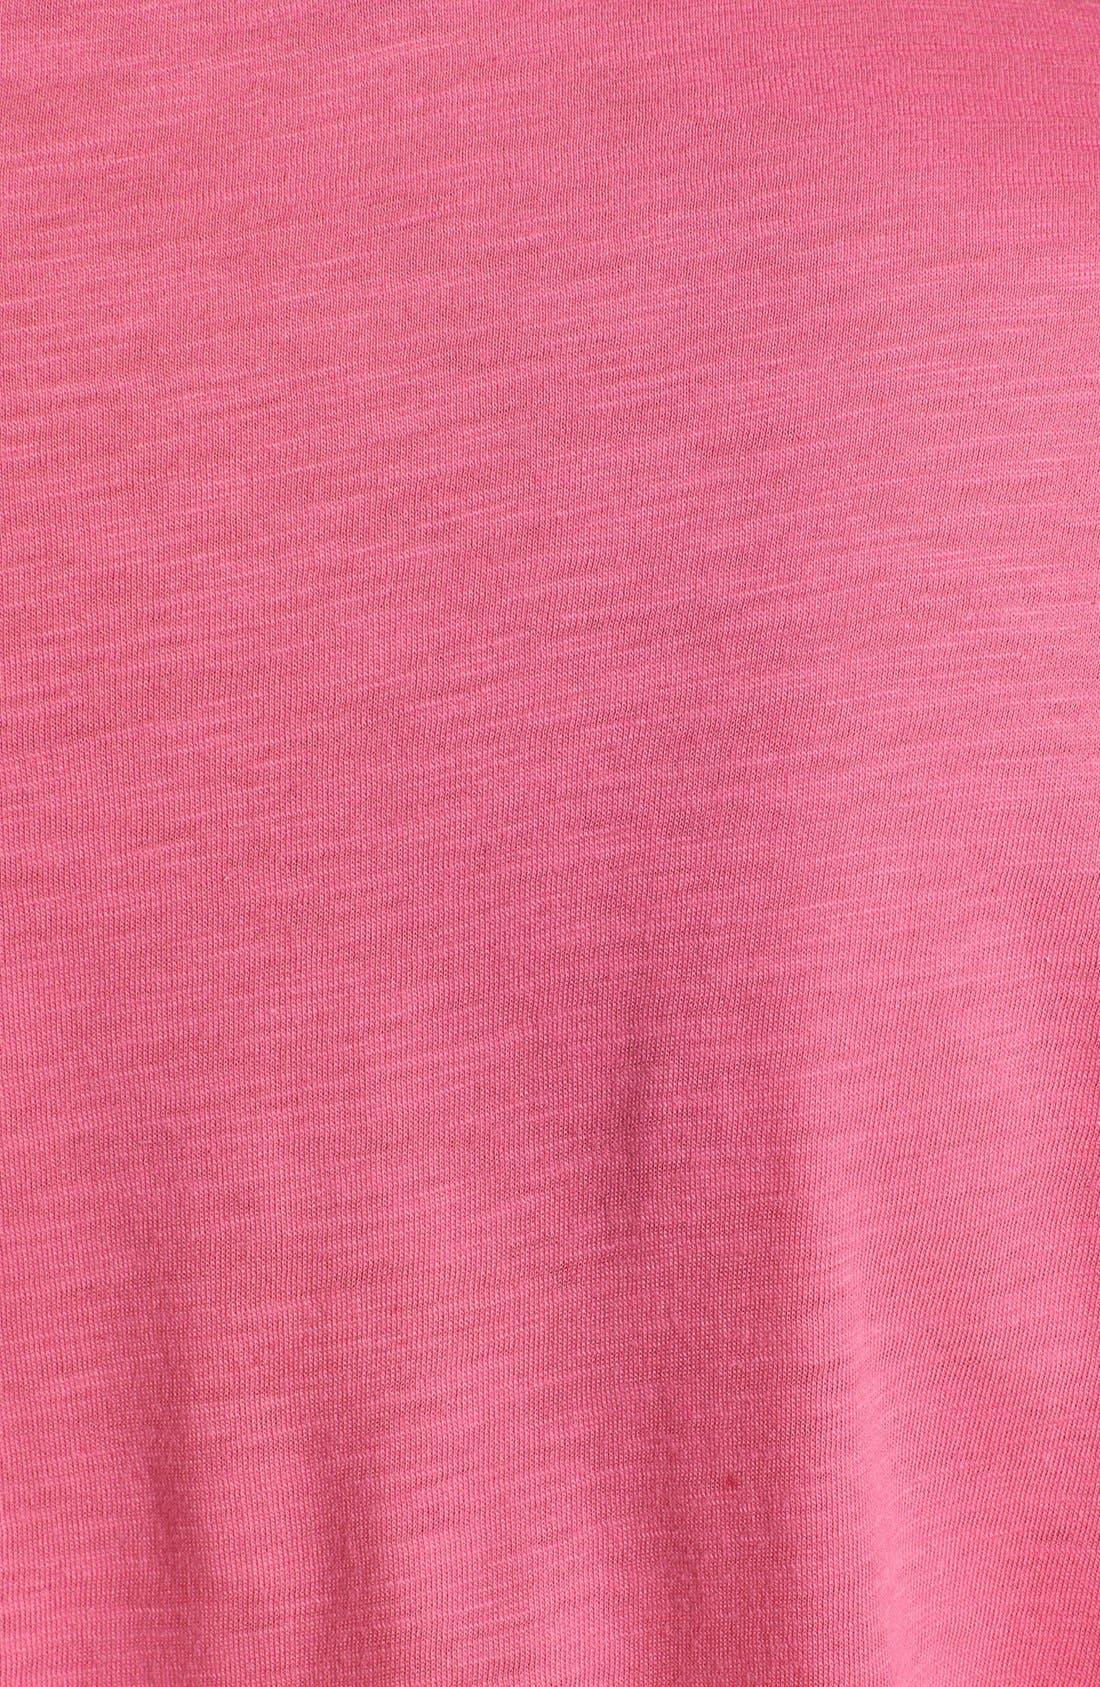 Alternate Image 3  - Lauren Ralph Lauren Knit Jersey Sleep Shirt